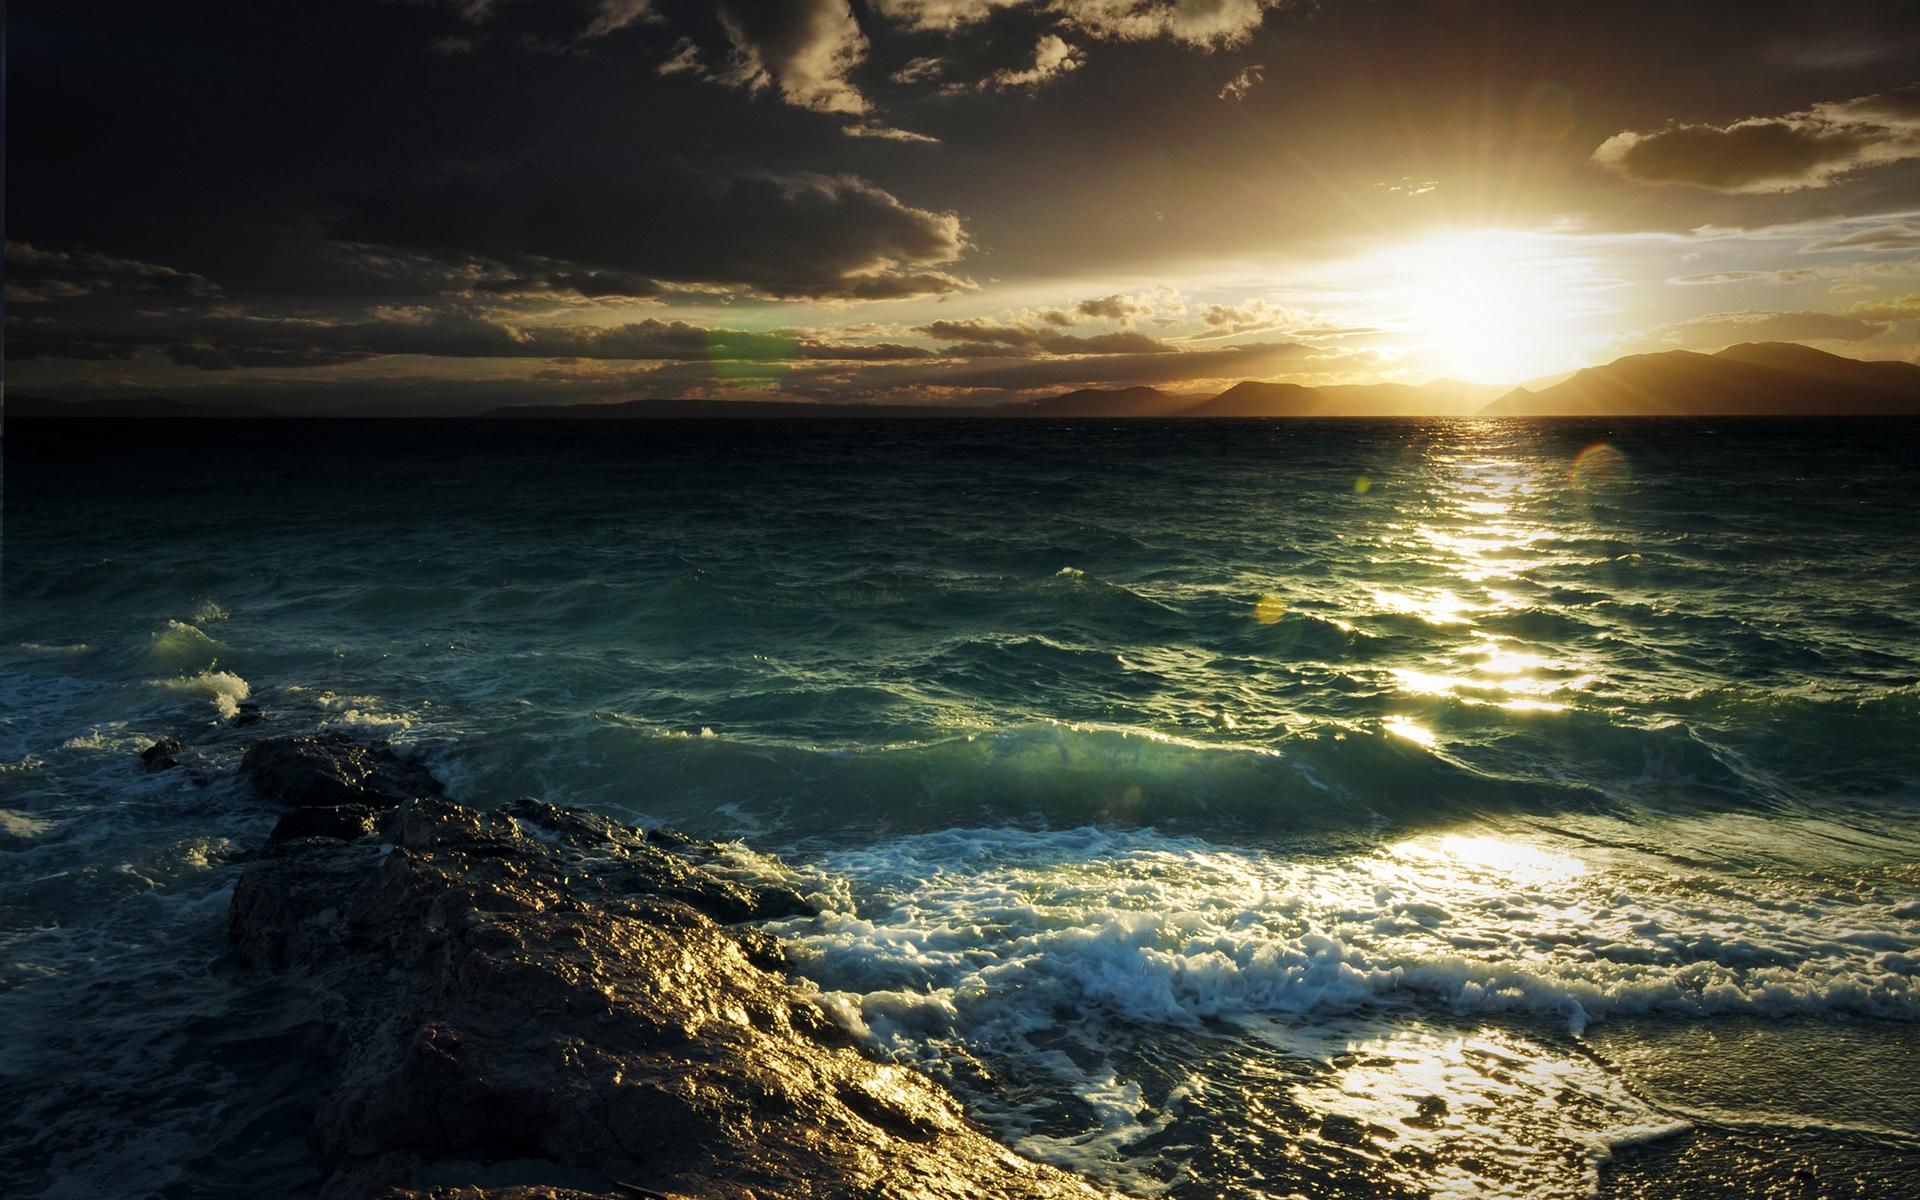 Depth Photo 3d Live Wallpaper Download Sunset Beach Wallpaper Hd Hd Desktop Wallpapers 4k Hd